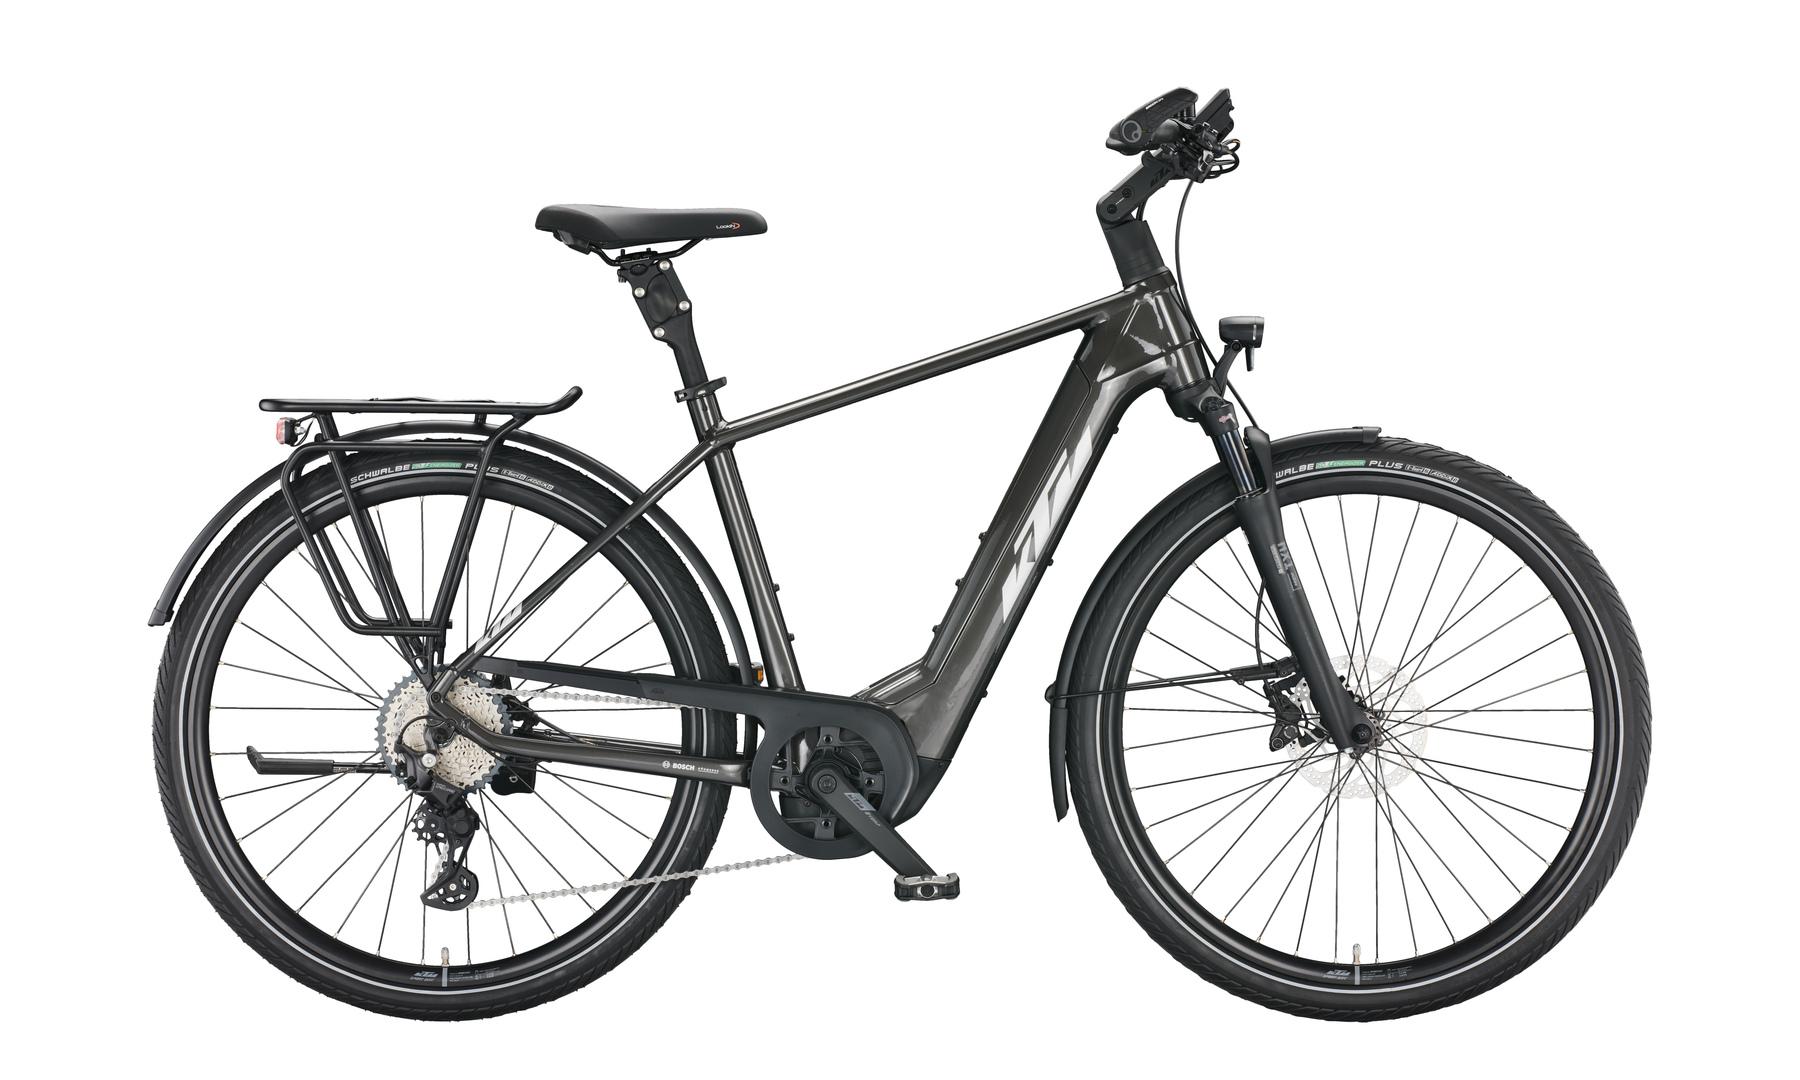 KTM E-Bike - MACINA STYLE 730